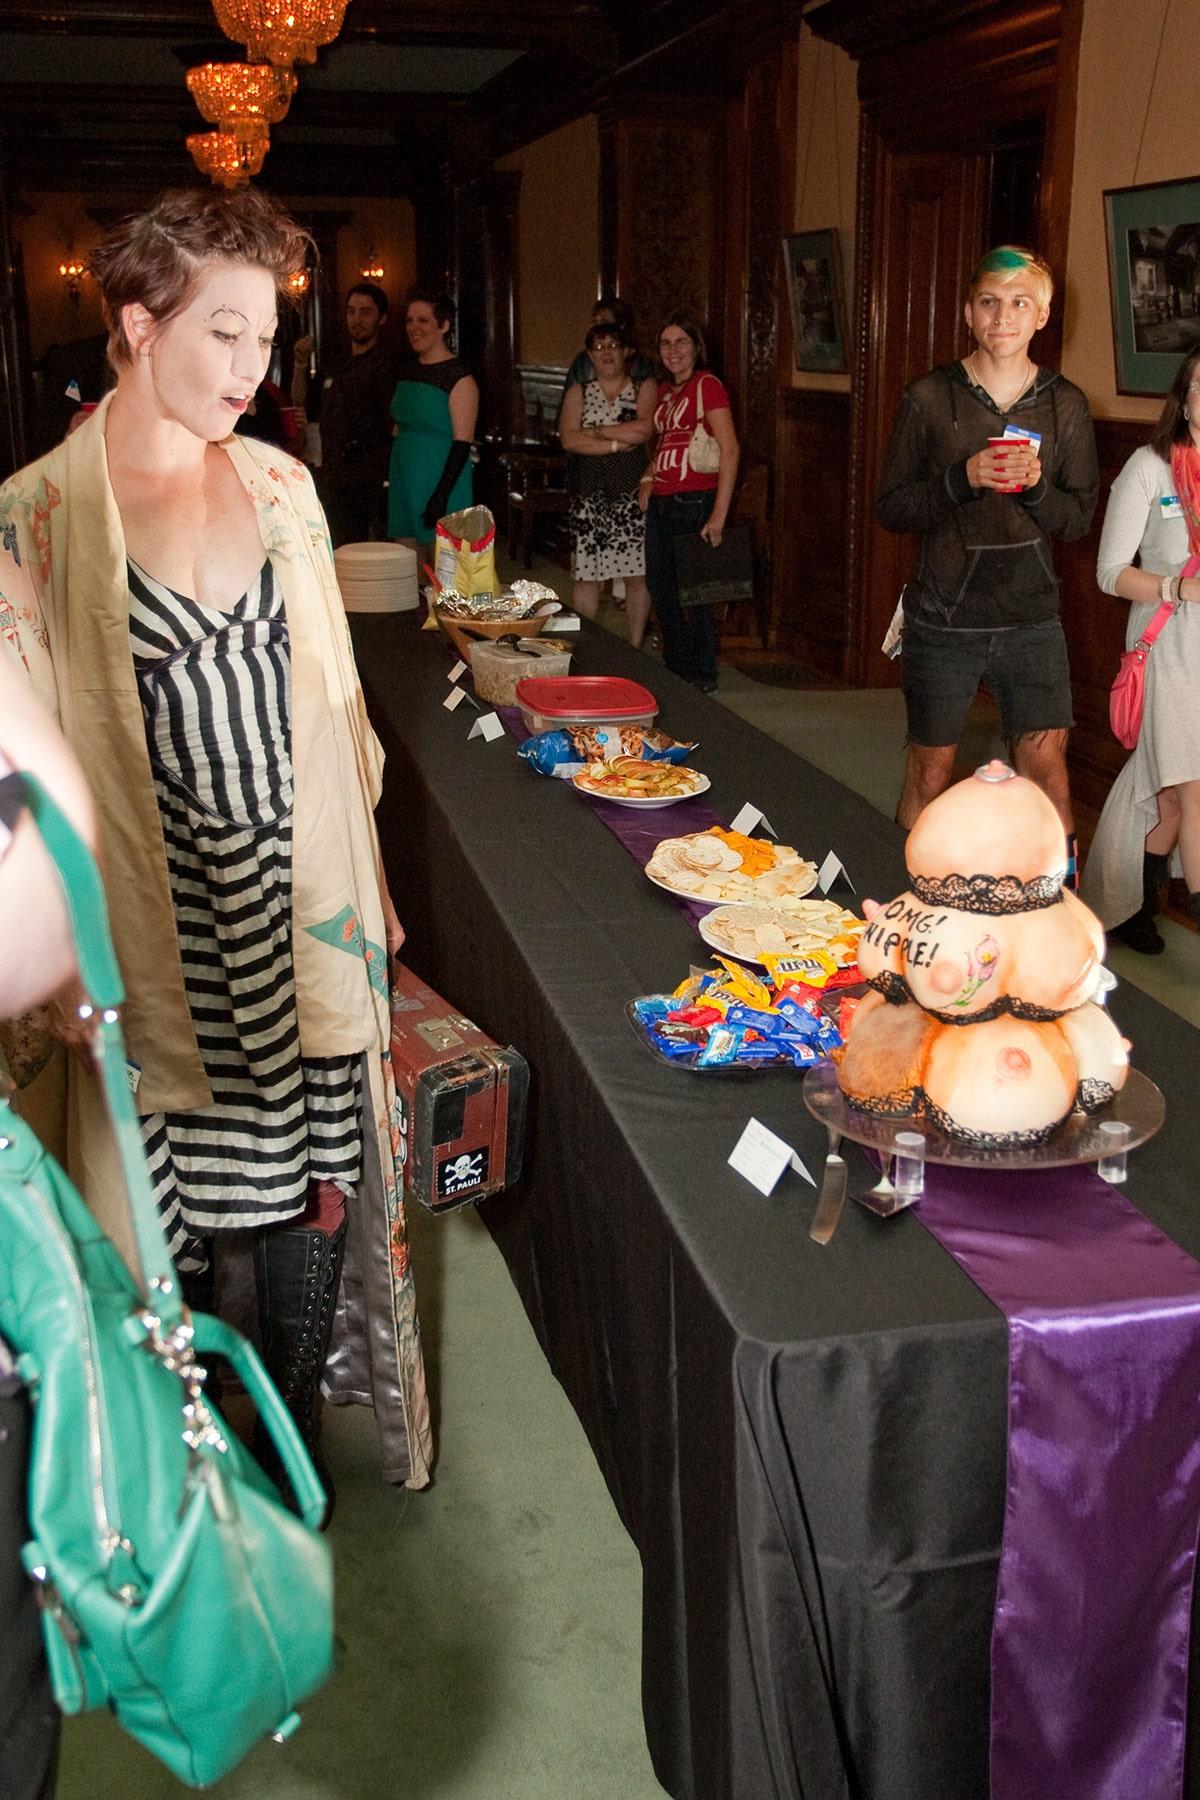 Amanda Palmer looking at her boob cake.